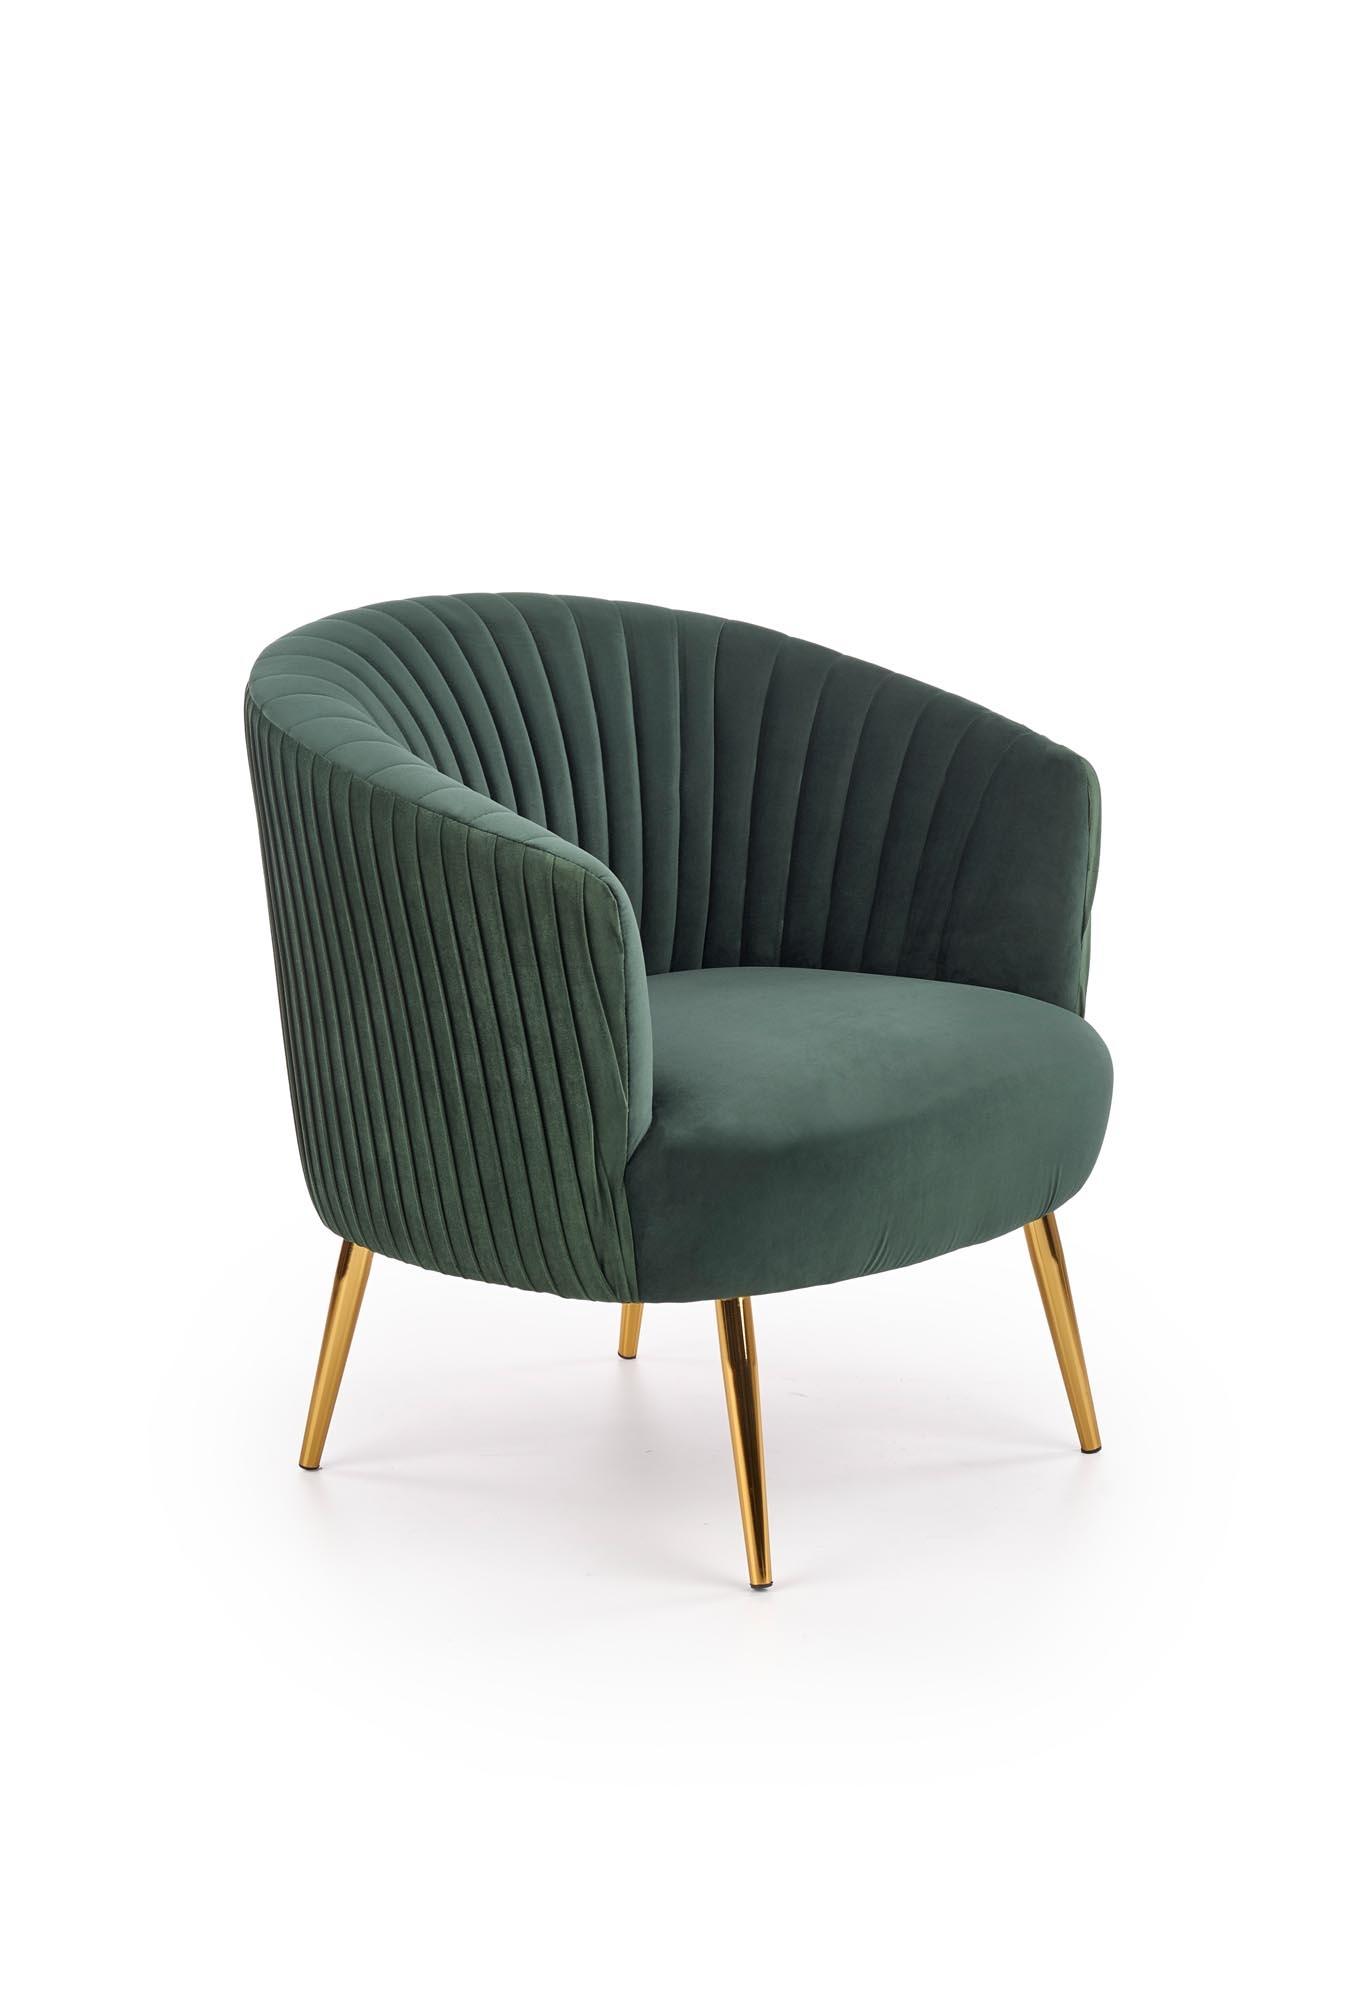 Fotoliu fix tapitat cu stofa si picioare metalice Crown Verde inchis / Auriu, l78xA72xH80 cm poza